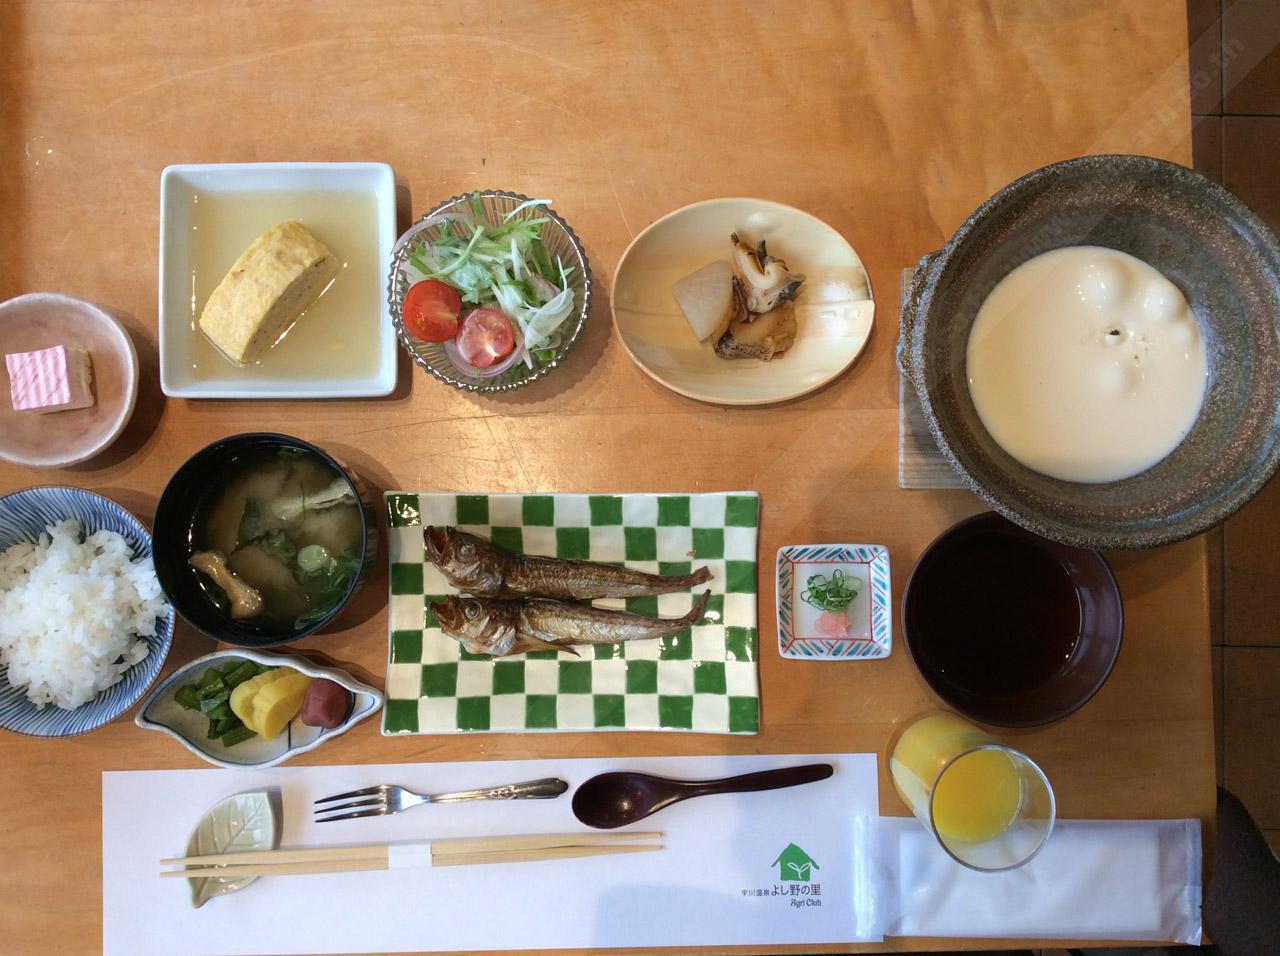 มื้อเช้าของญี่ปุ่นแท้ๆ นิยมทานแบบนี้